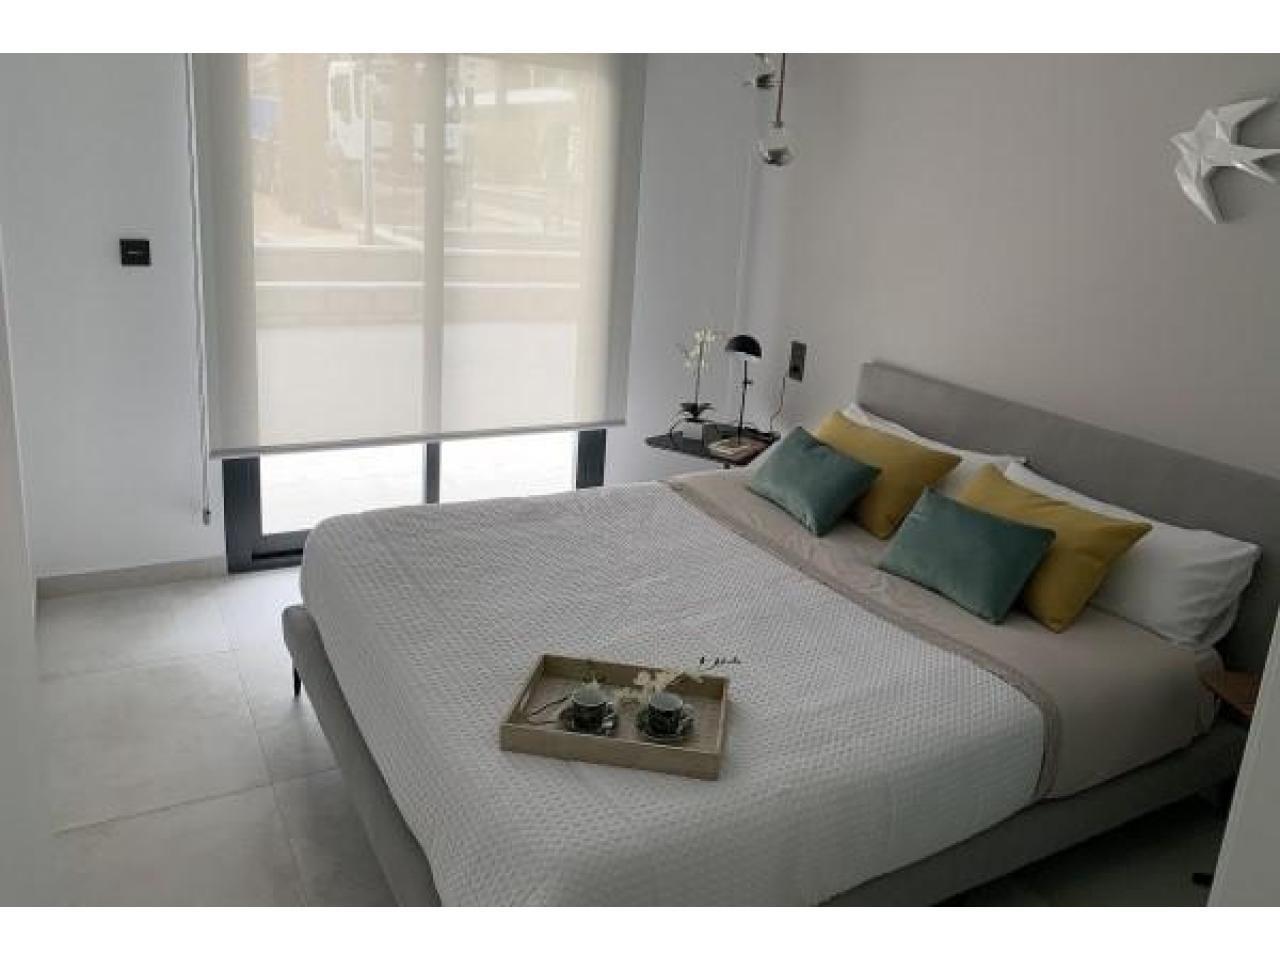 Недвижимость в Испании, Новые квартиры от застройщика в Гуардамар,Коста Бланка,Испания - 8